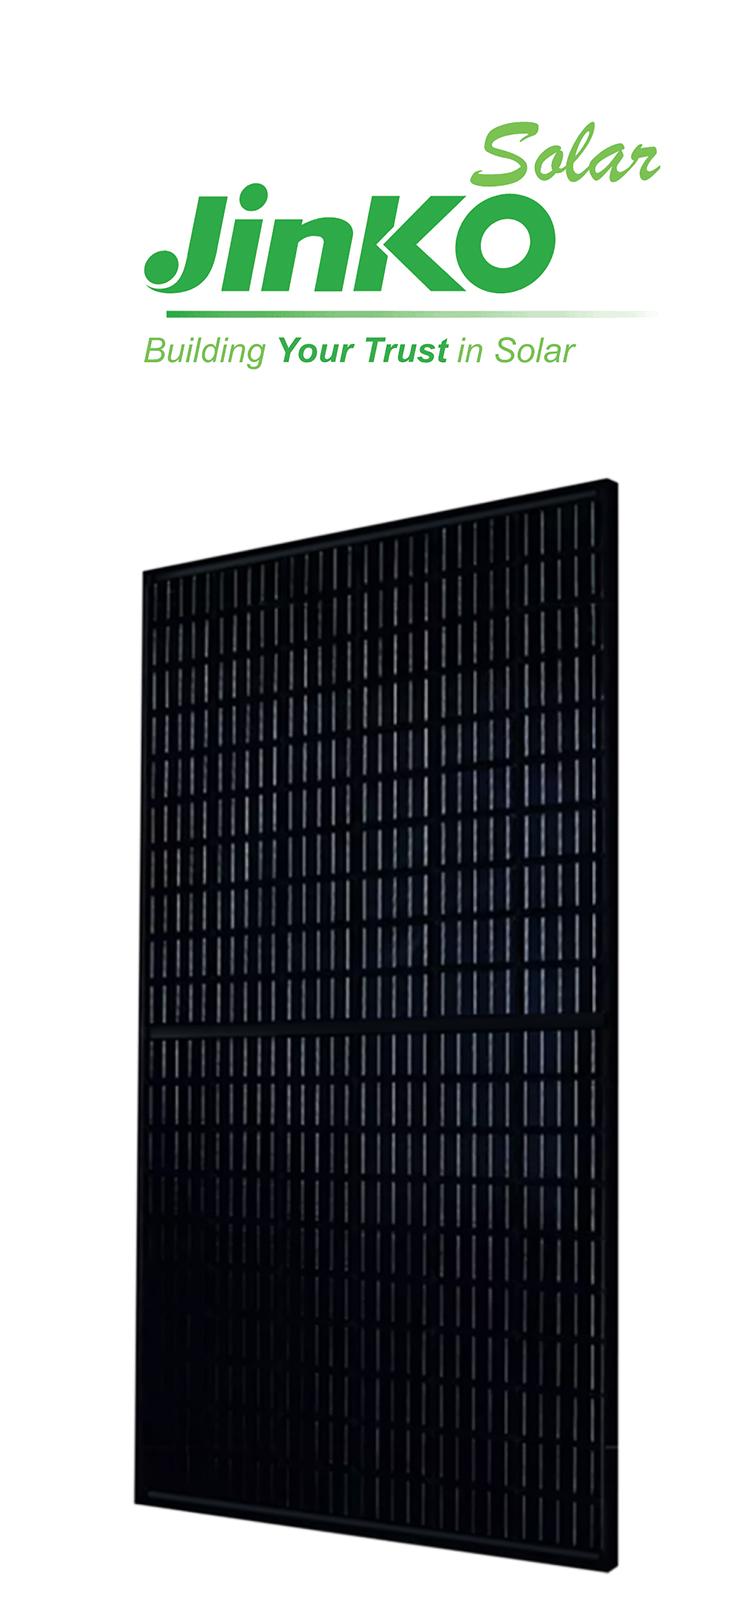 Jinko Solar - oferta paneli-fotoinstal-instalacje-fotowoltaiczne-380W-Brzesko-montaz paneli fotowoltaicznych